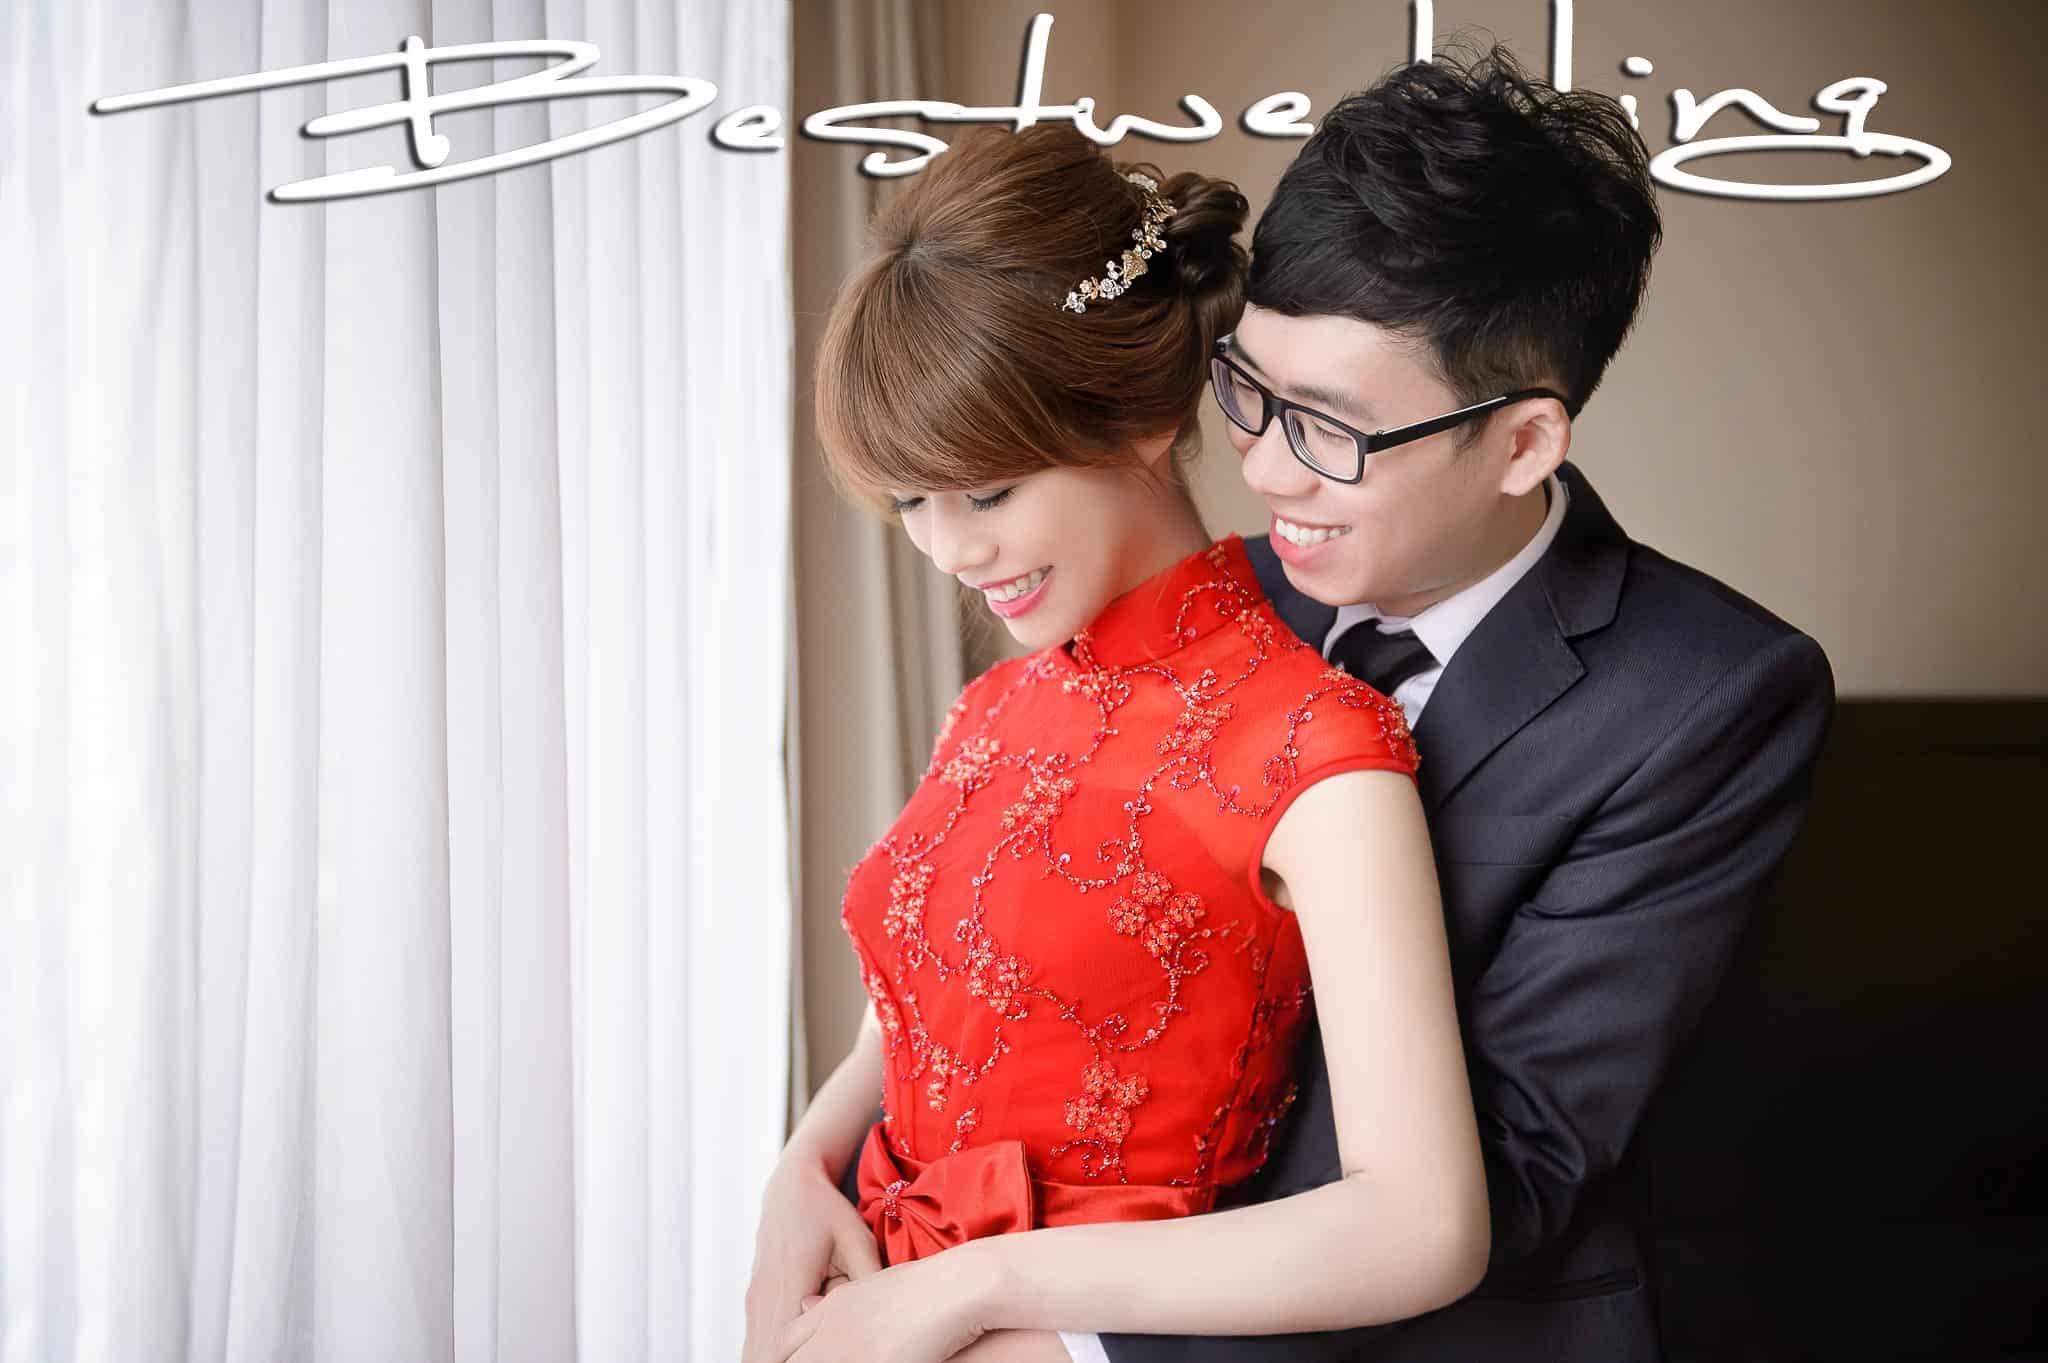 【婚攝優哥】至書 ♥ 靜瑜 - 桃園尊爵飯店